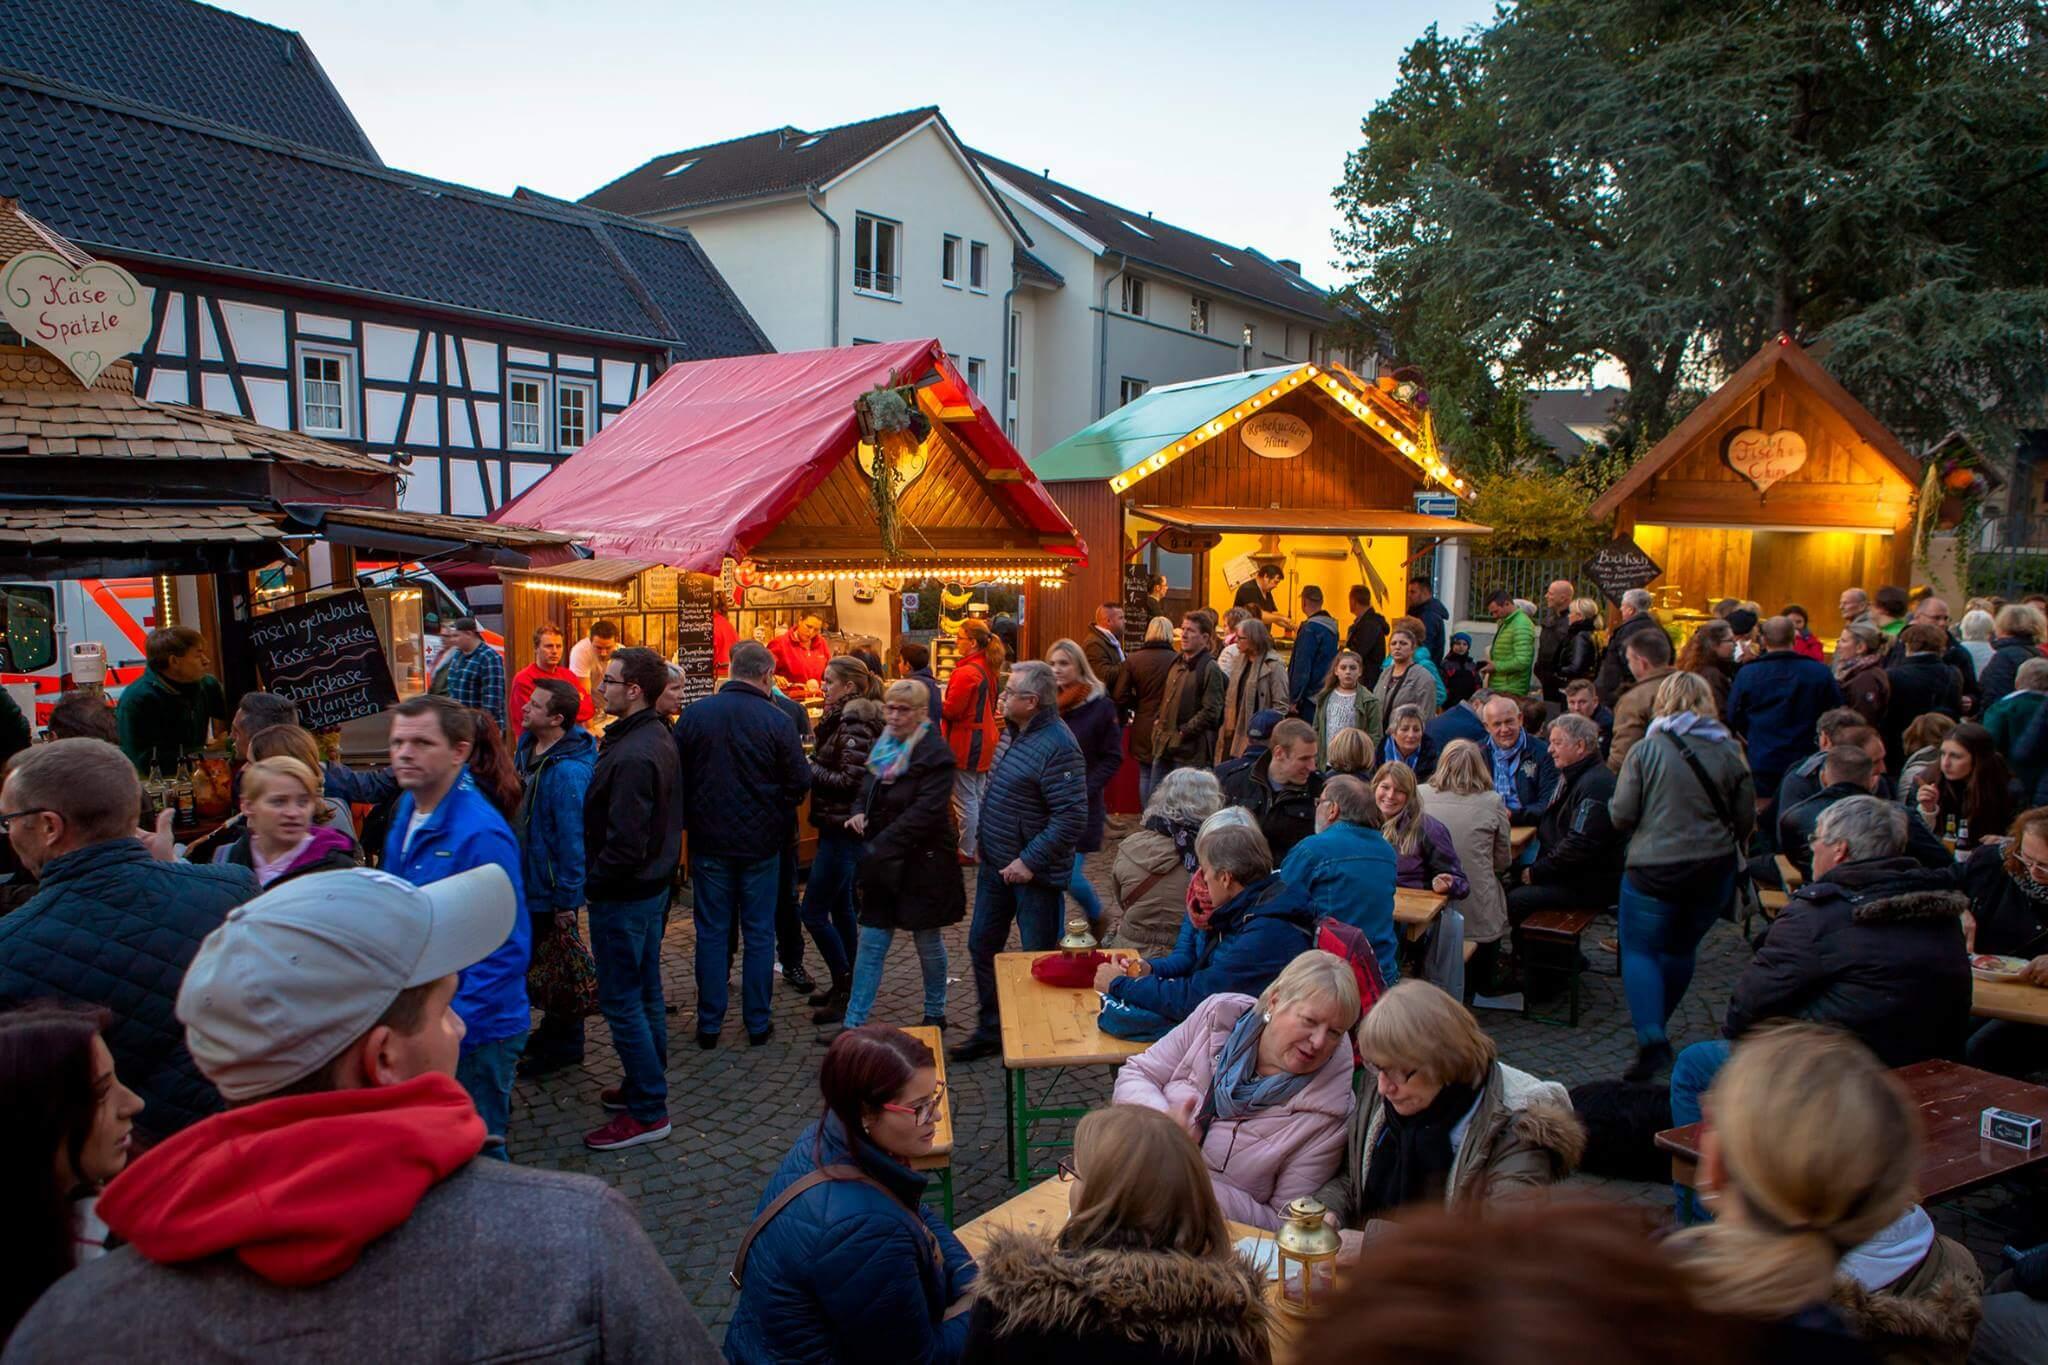 Martinimarkt Bad Honnef 2017 das Stadtfest für die Sinne Der Herbstmarkt findet vom 25. bis 29. Oktober 2017 statt. ZentraParkplätze mit Pendelverkehr